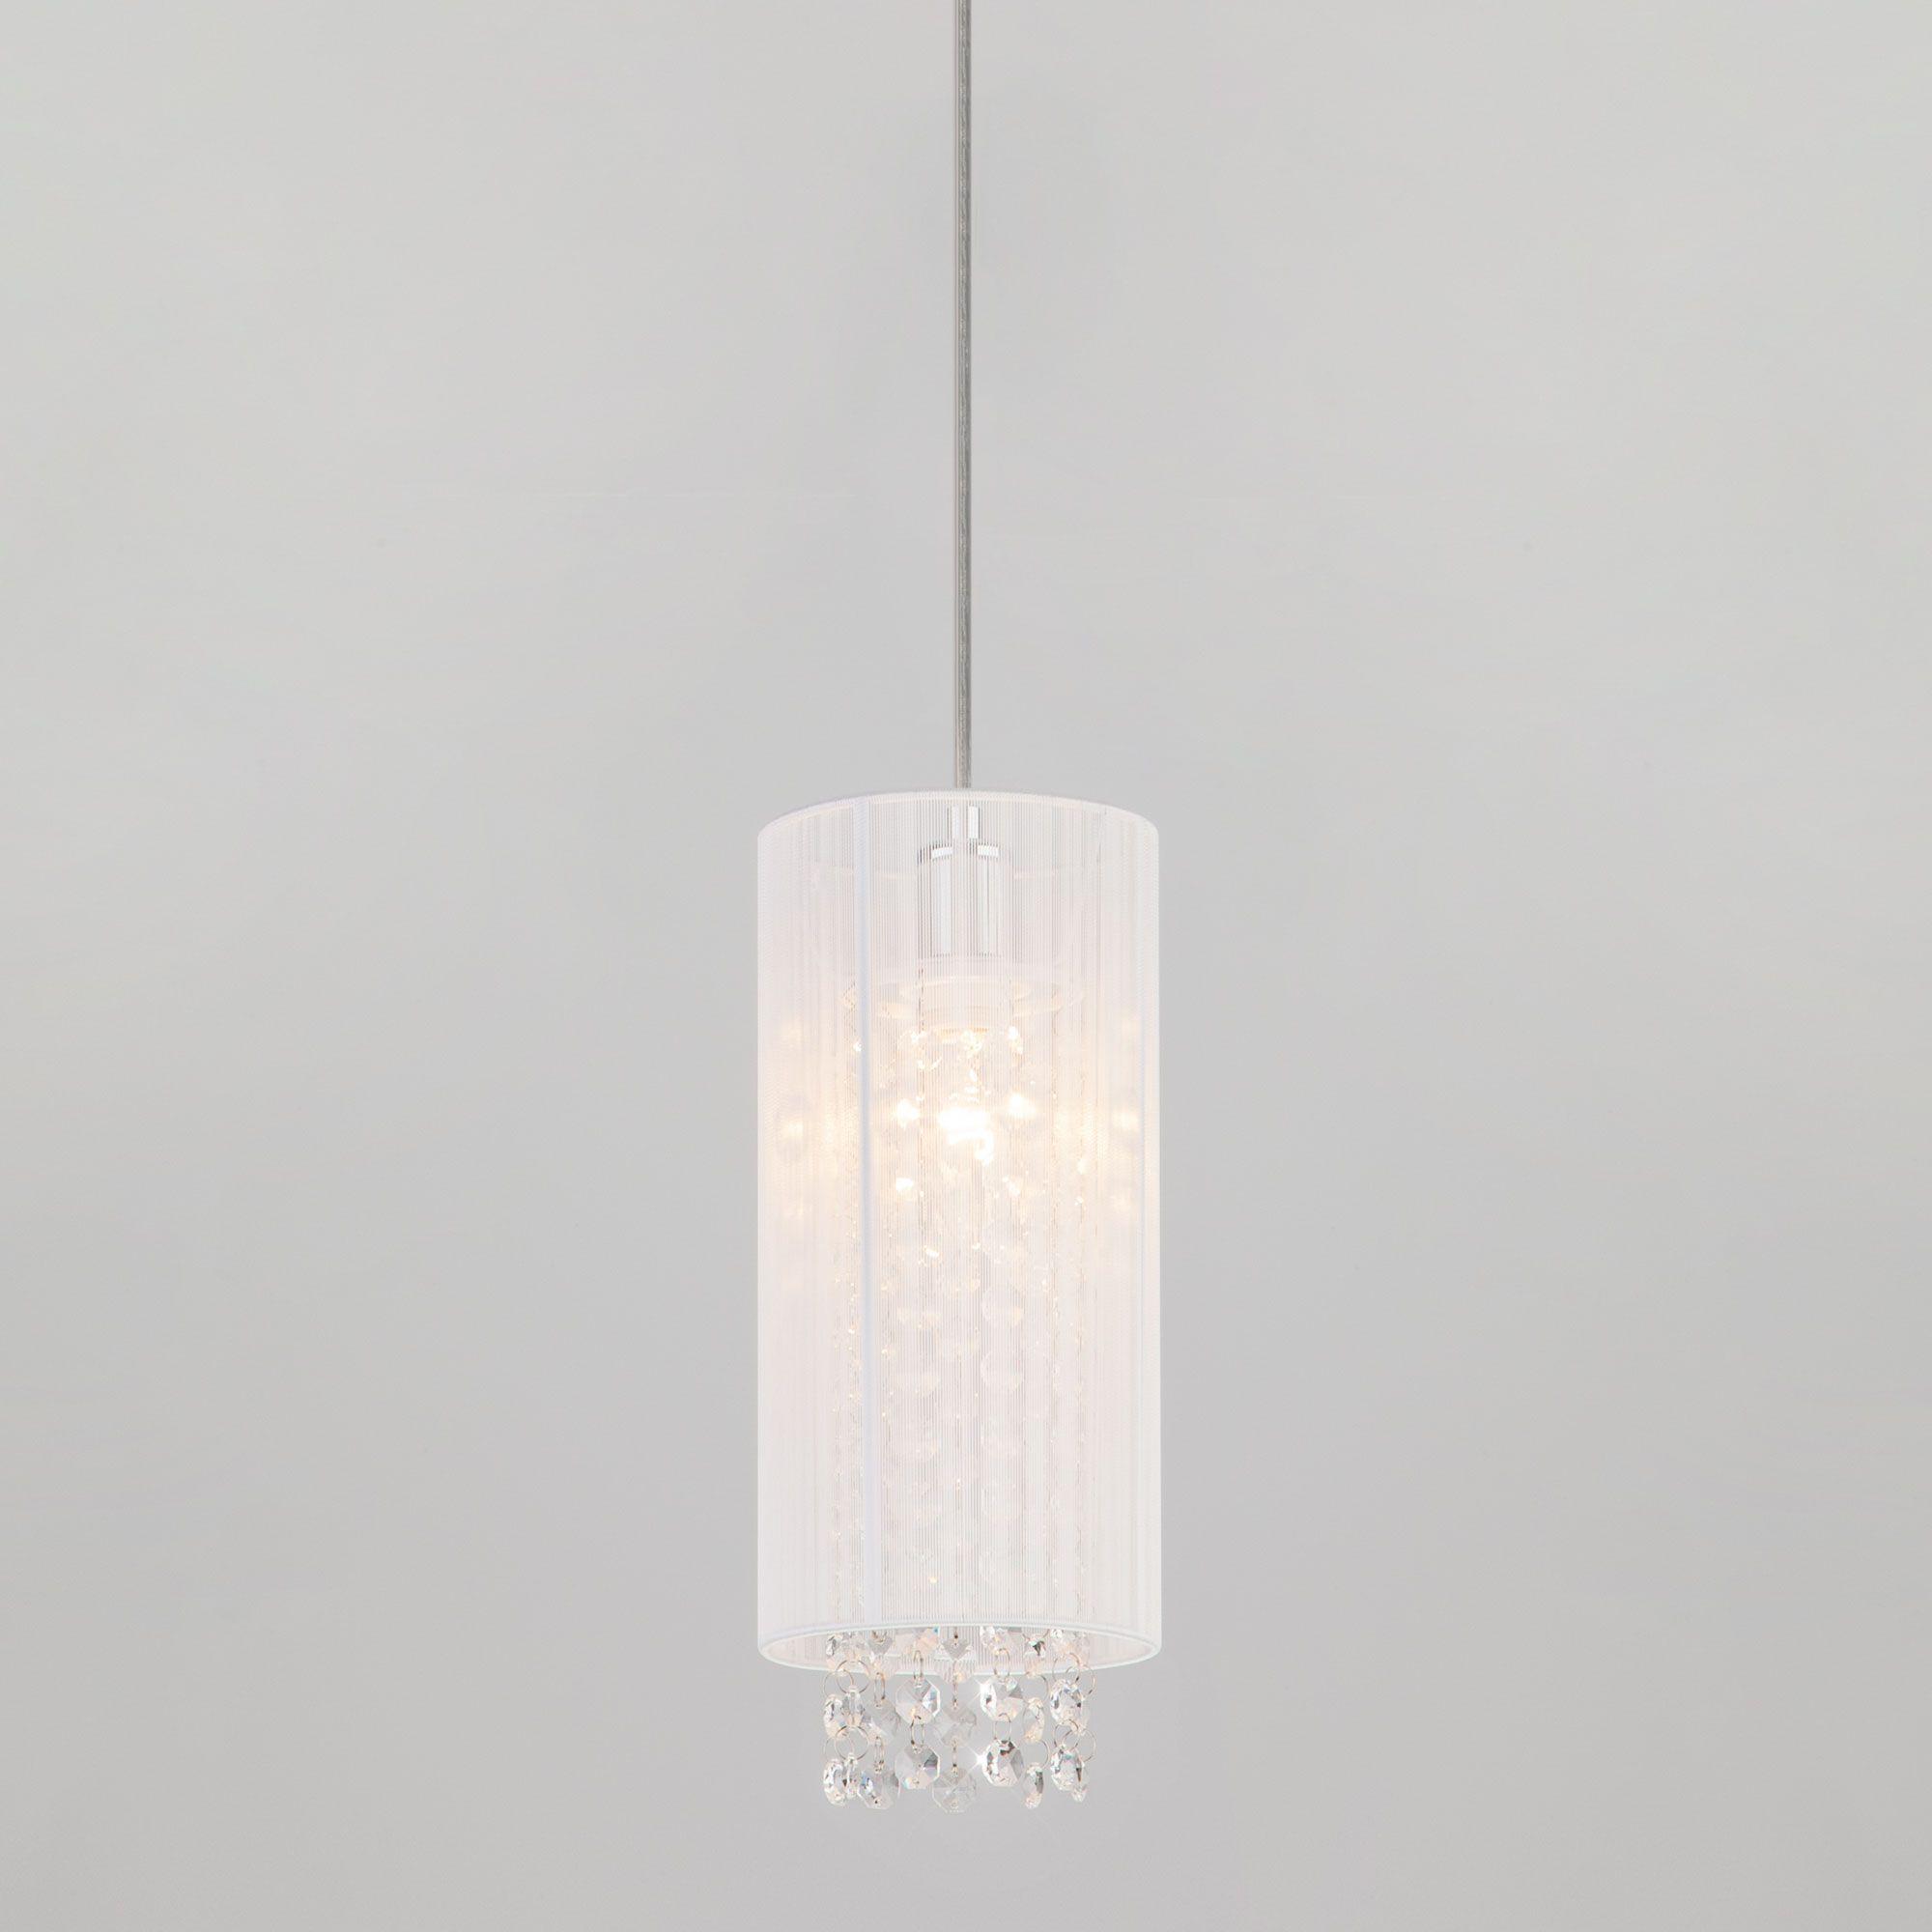 Светильник потолочный с абажуром и хрусталем 1188/1 хром